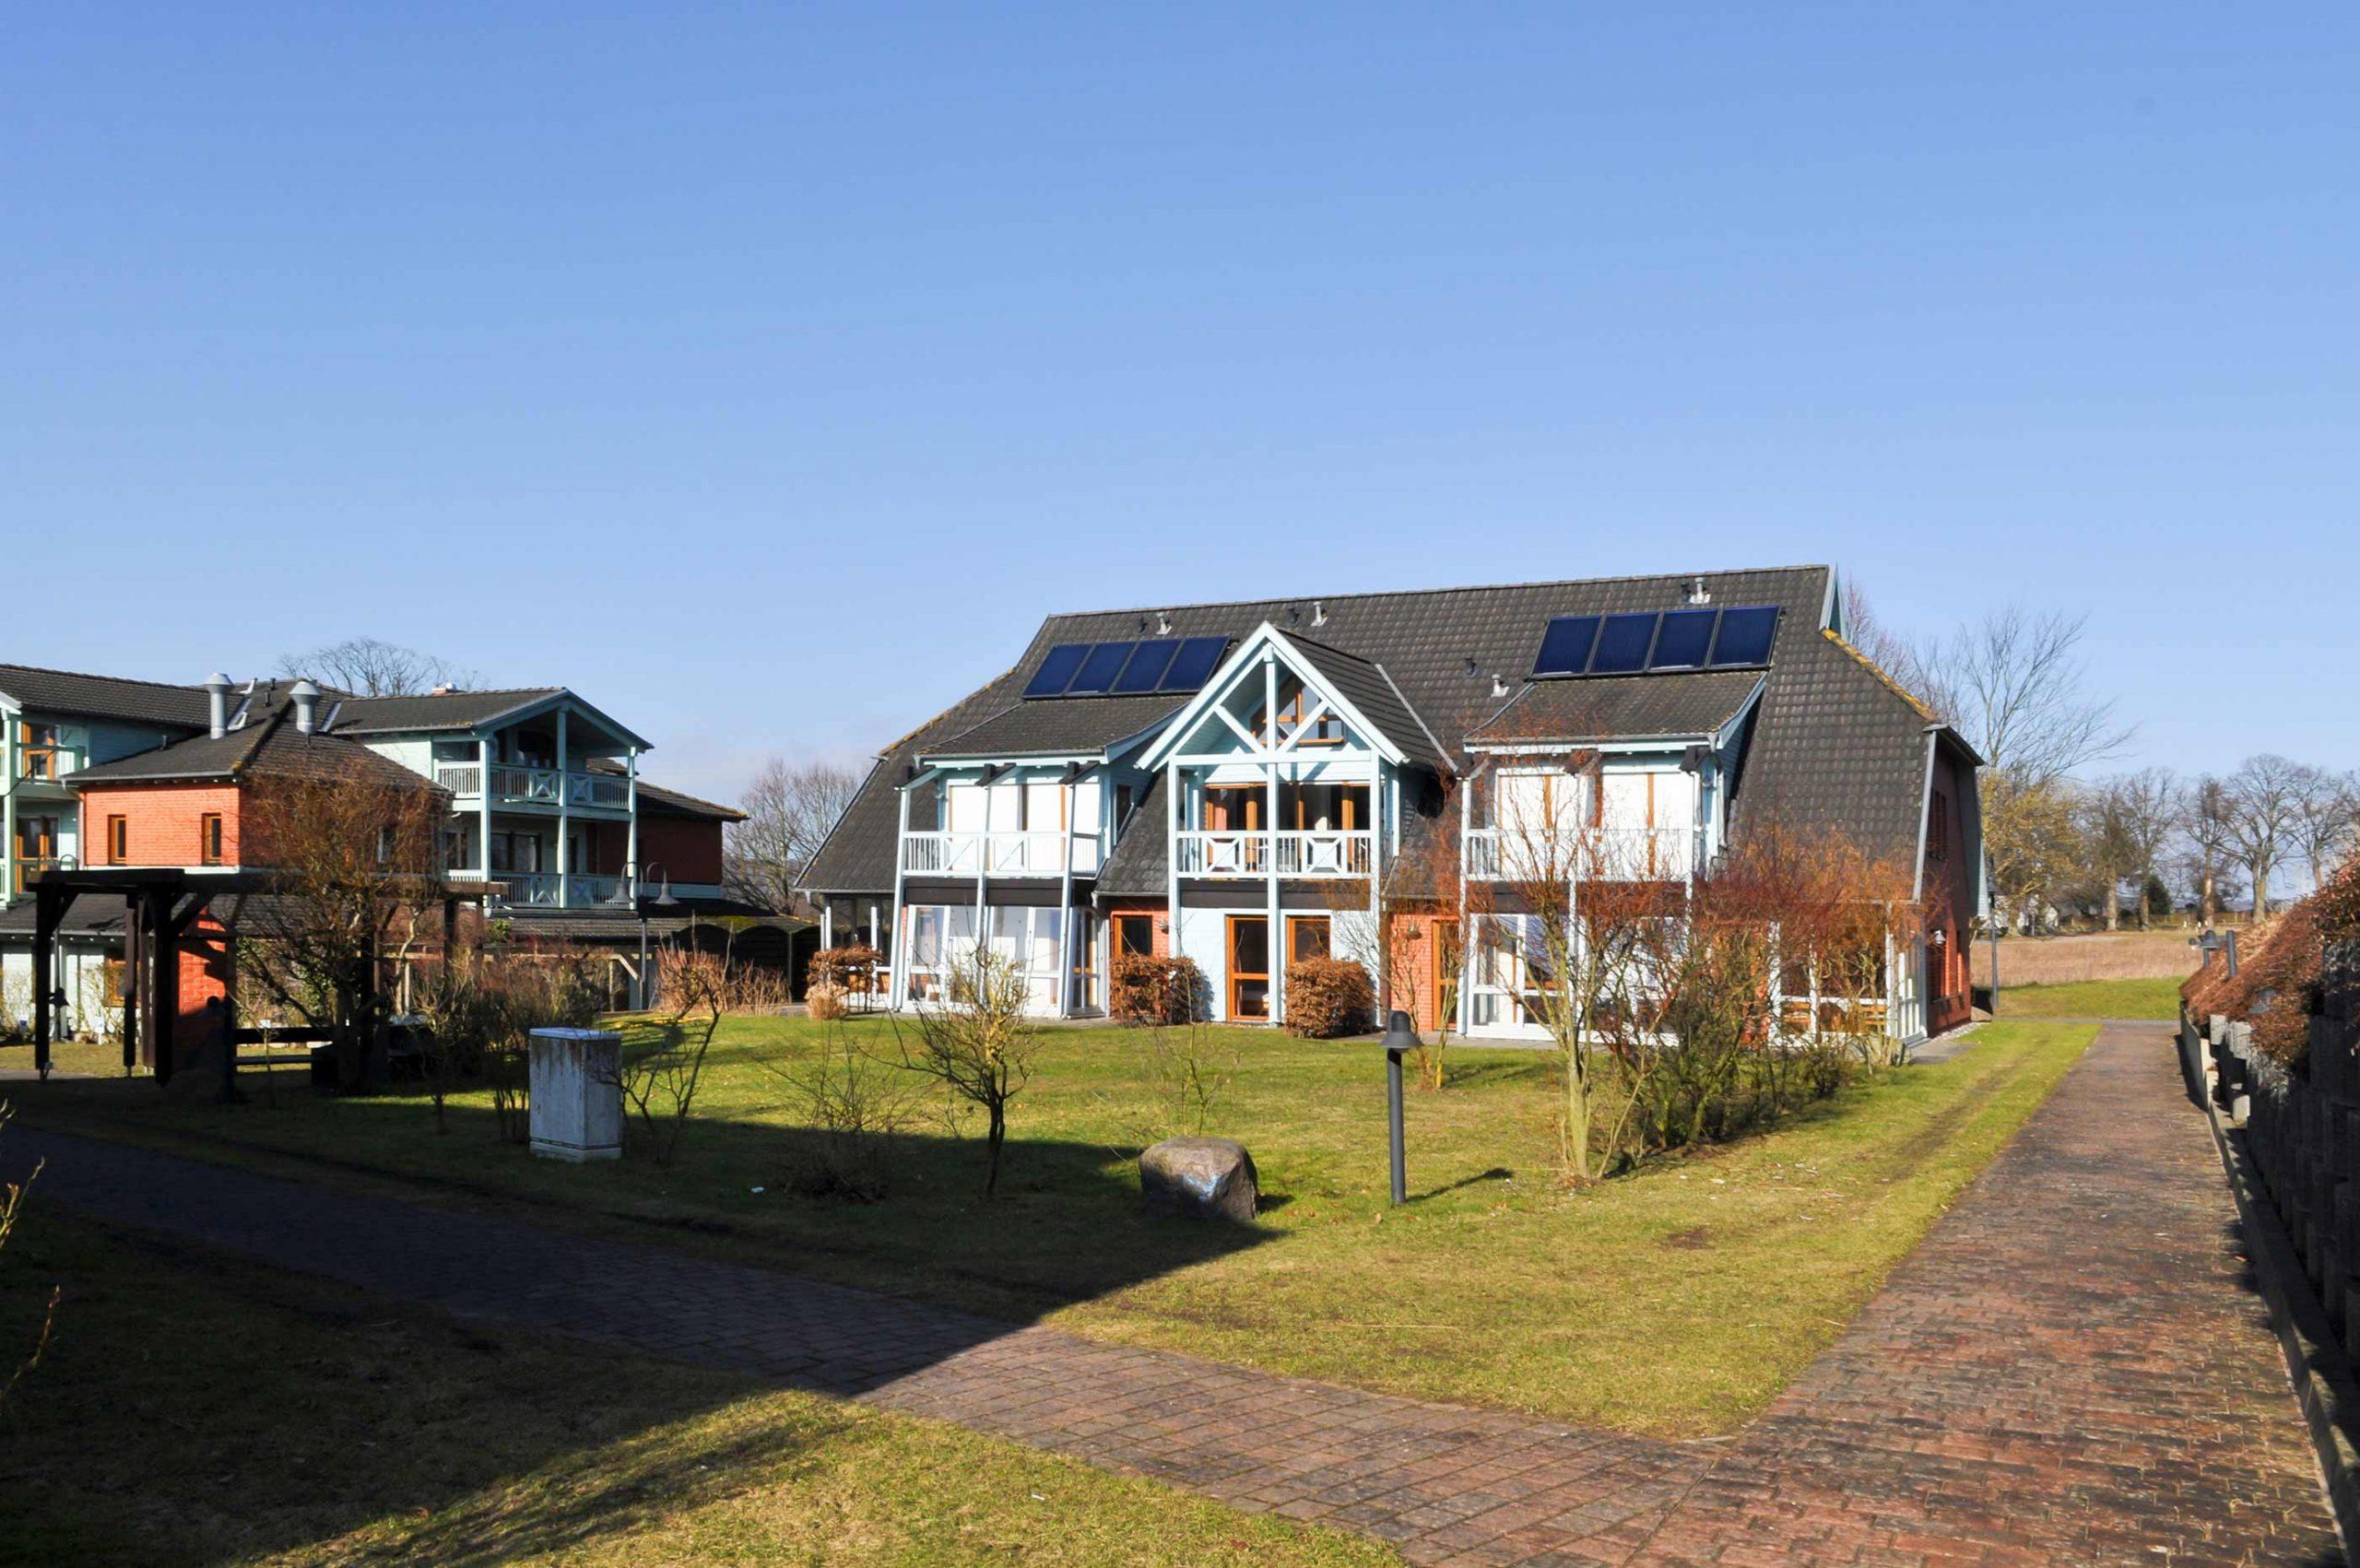 Ferienwohnung 9 - Haus am See - Seedorf- Ferienpark Seedorf